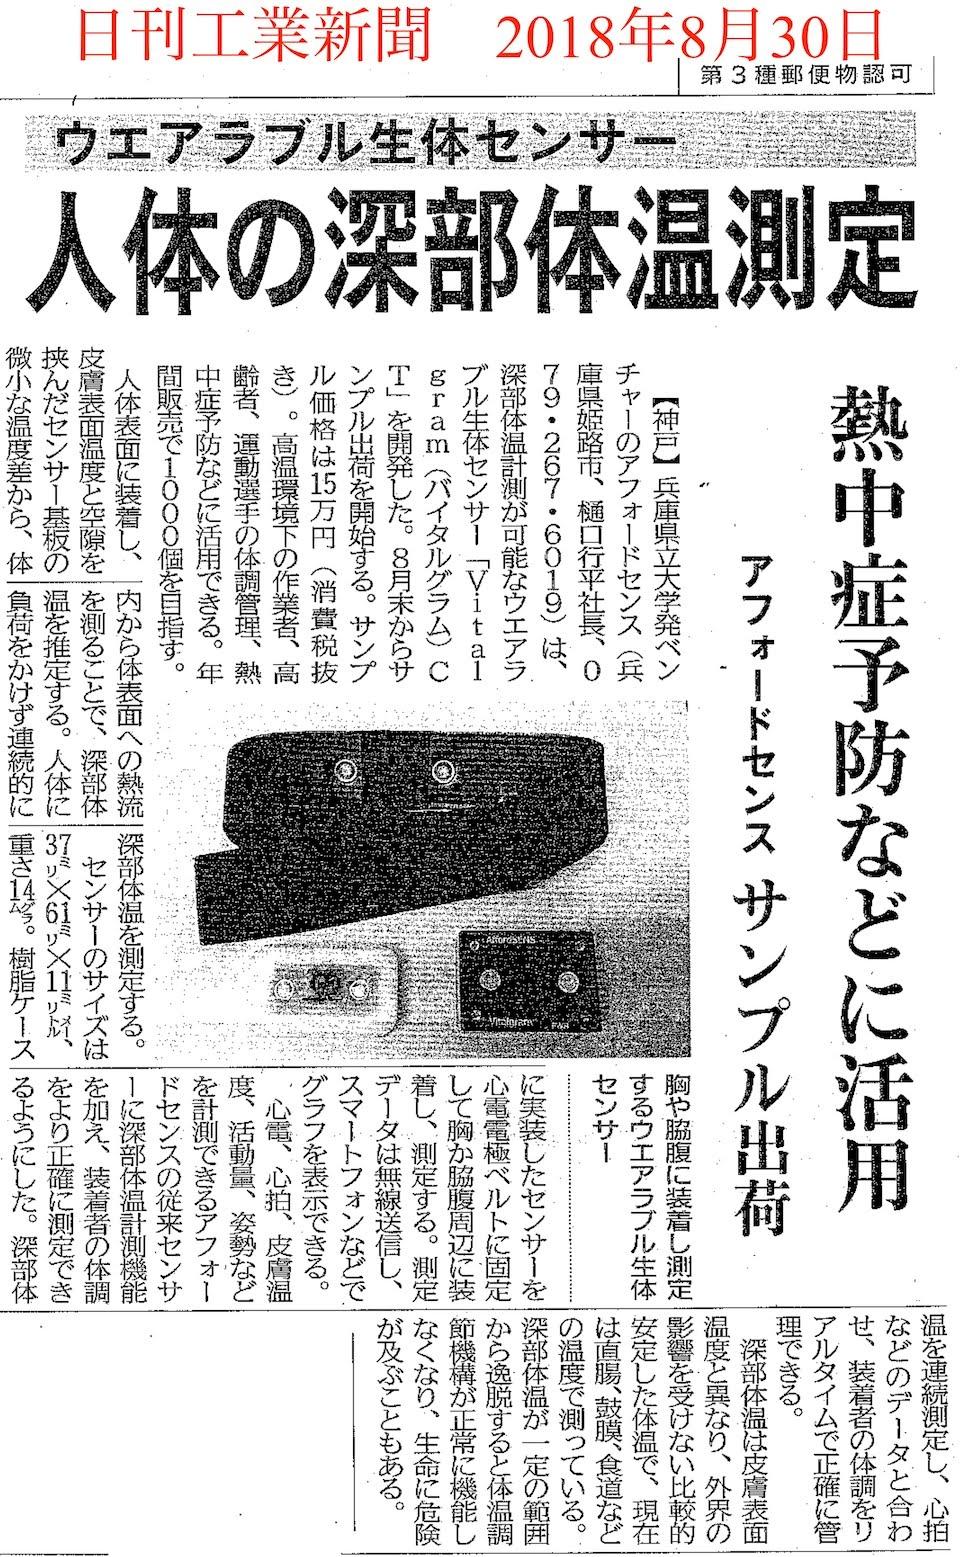 人体の深部体温測定できる、ウエアラブル生体センサー アフォードセンスが開発